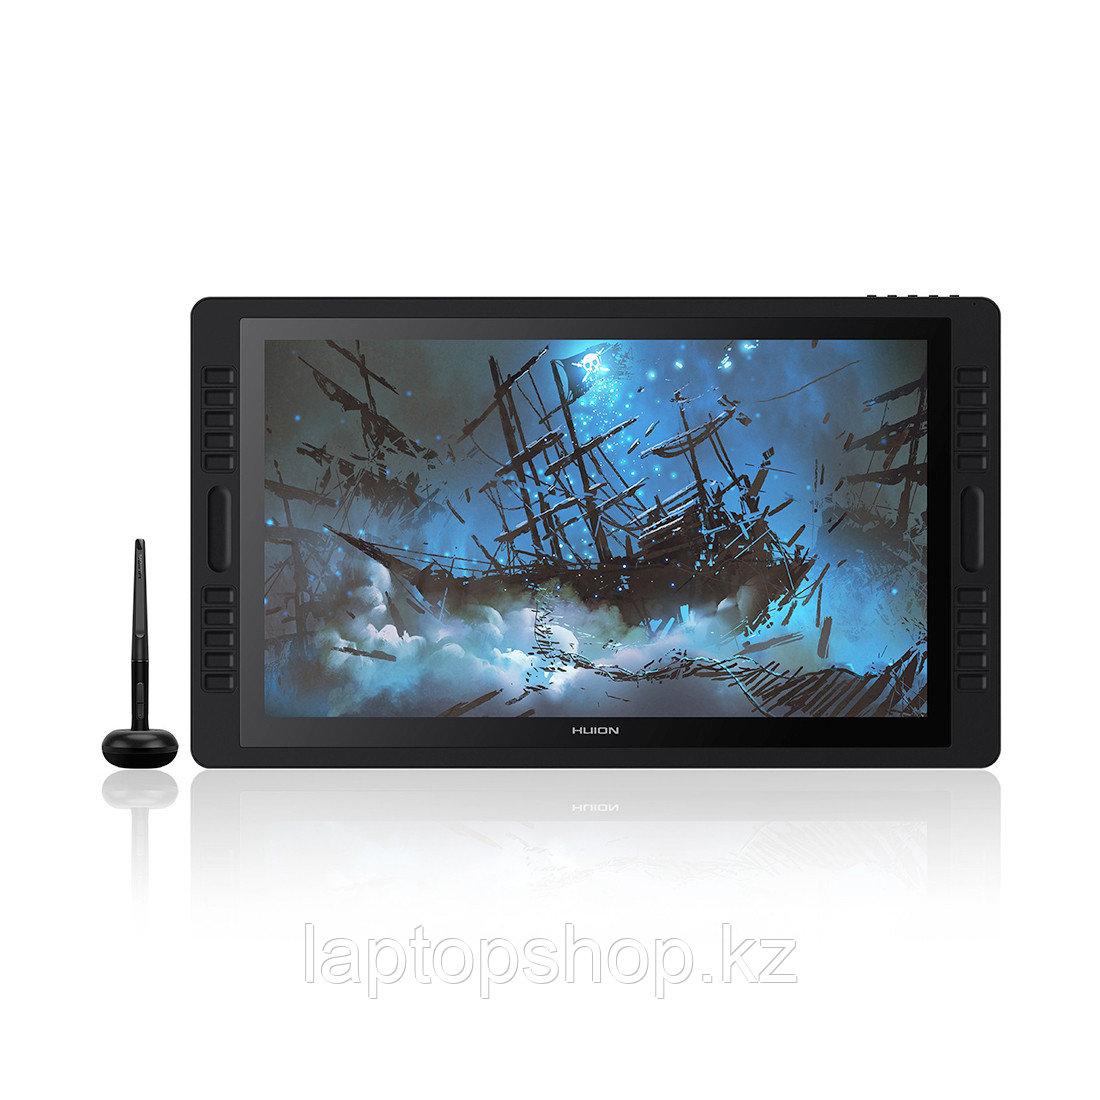 Графический планшет/монитор, Huion, Kamvas Pro 22 (GT2201)